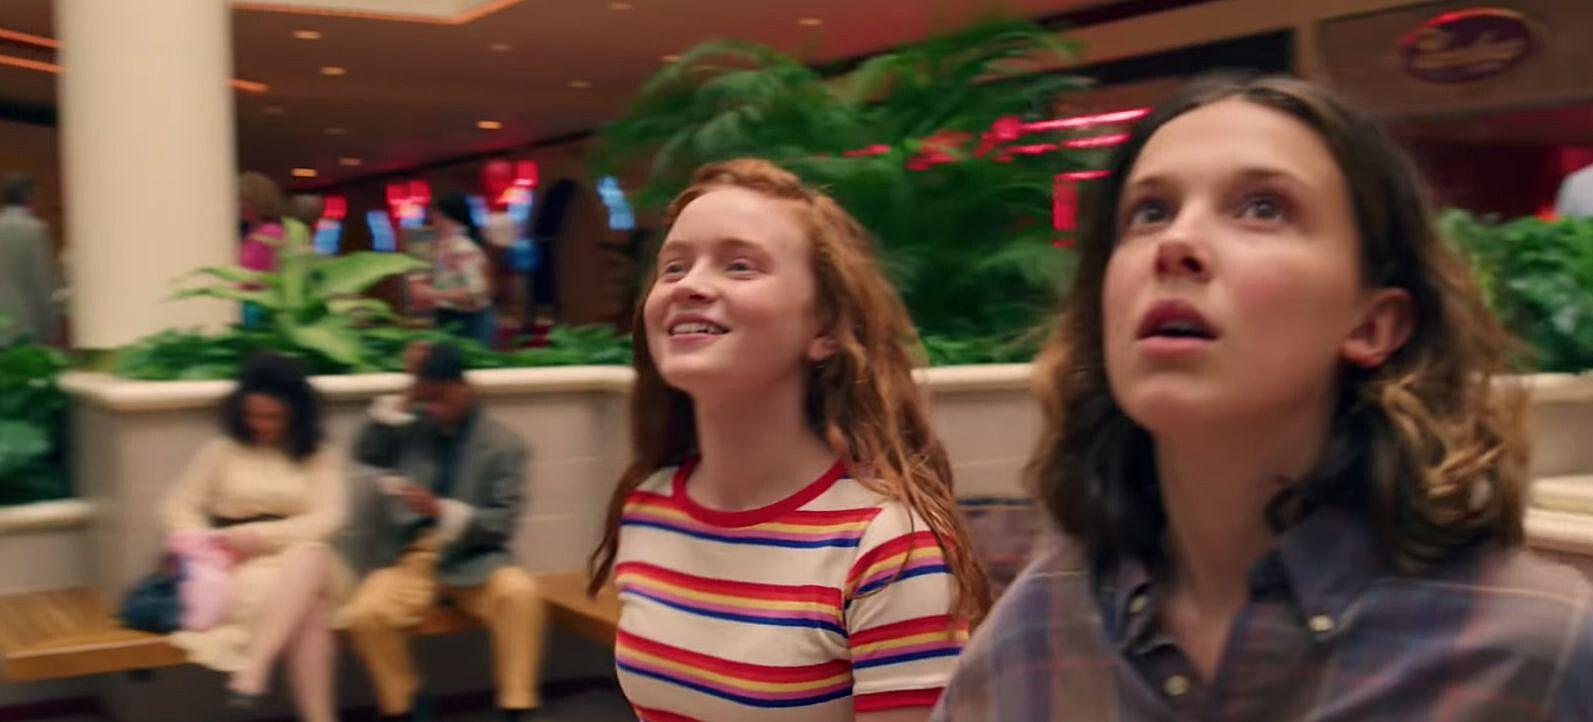 Let's overanalyze the Stranger Things season 3 trailer